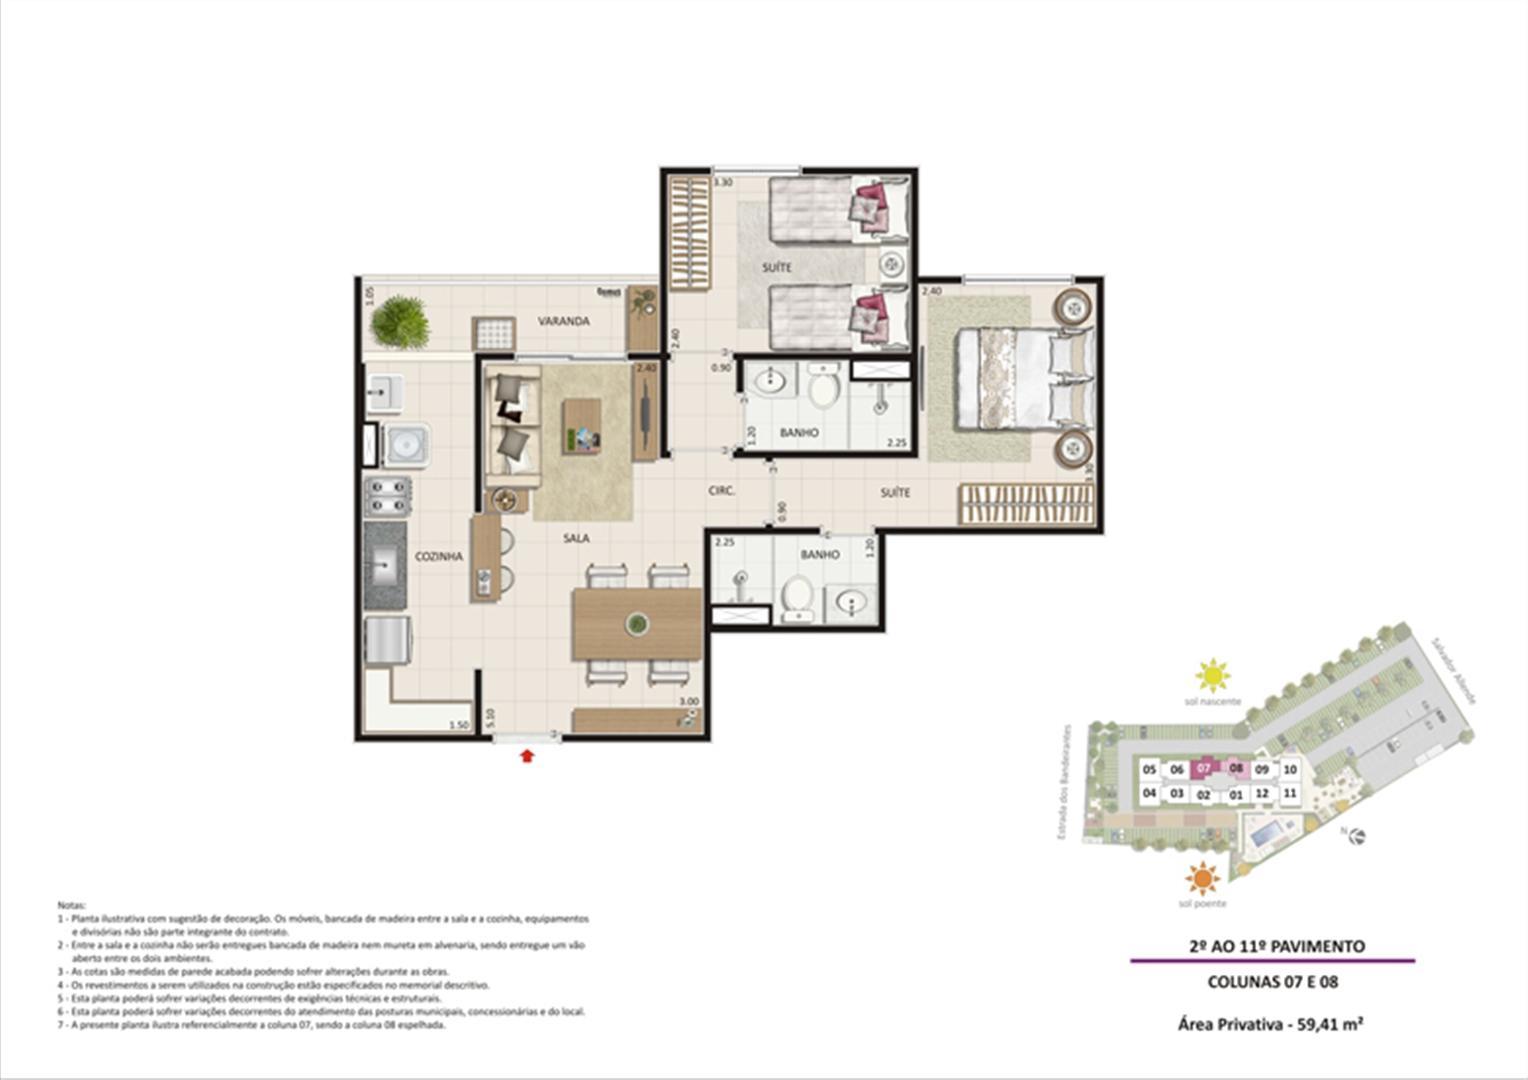 Apartamento 2 quartos tipo 04 | Live Bandeirantes All Suites – Apartamento em  Jacarepaguá - Rio de Janeiro - Rio de Janeiro